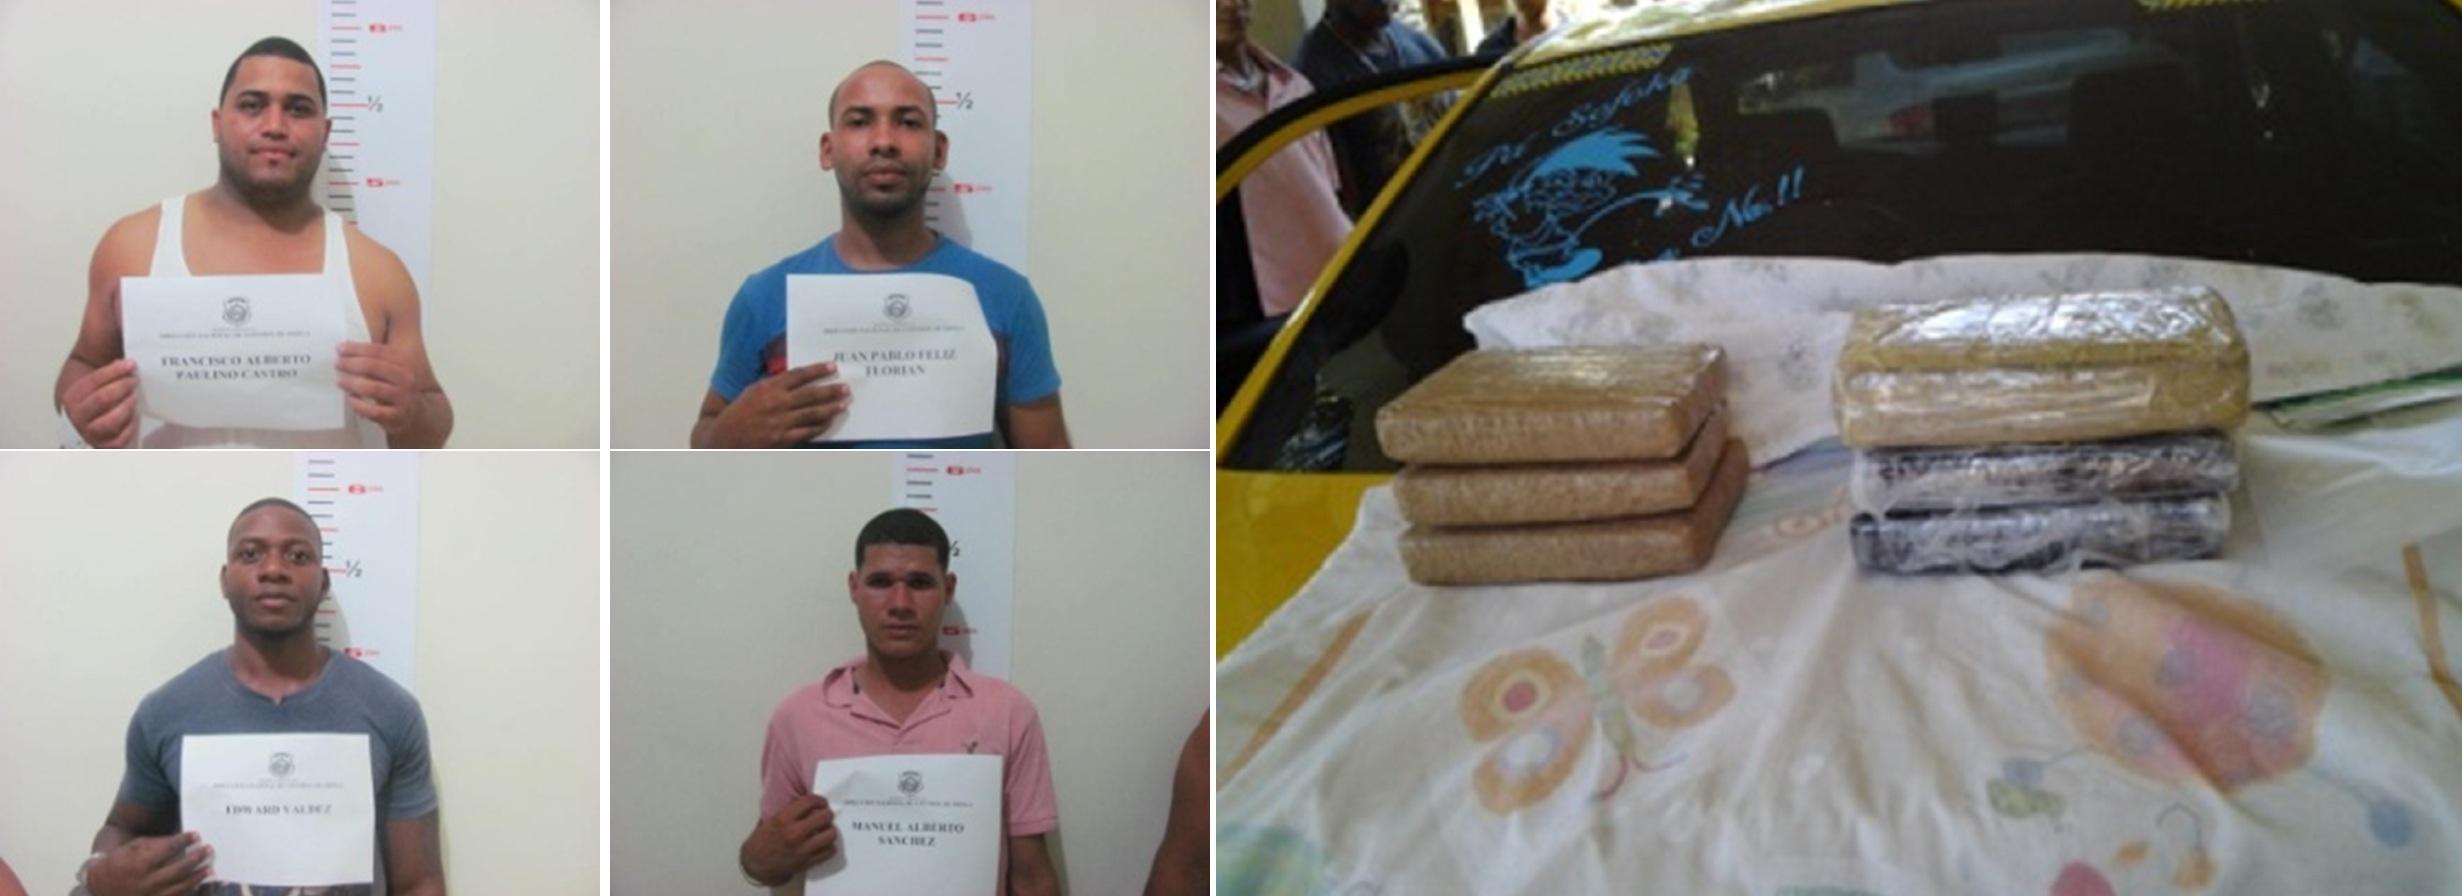 DNCD apresa 4 hombres viajaban en vehículo con 6 paquetes de cocaína